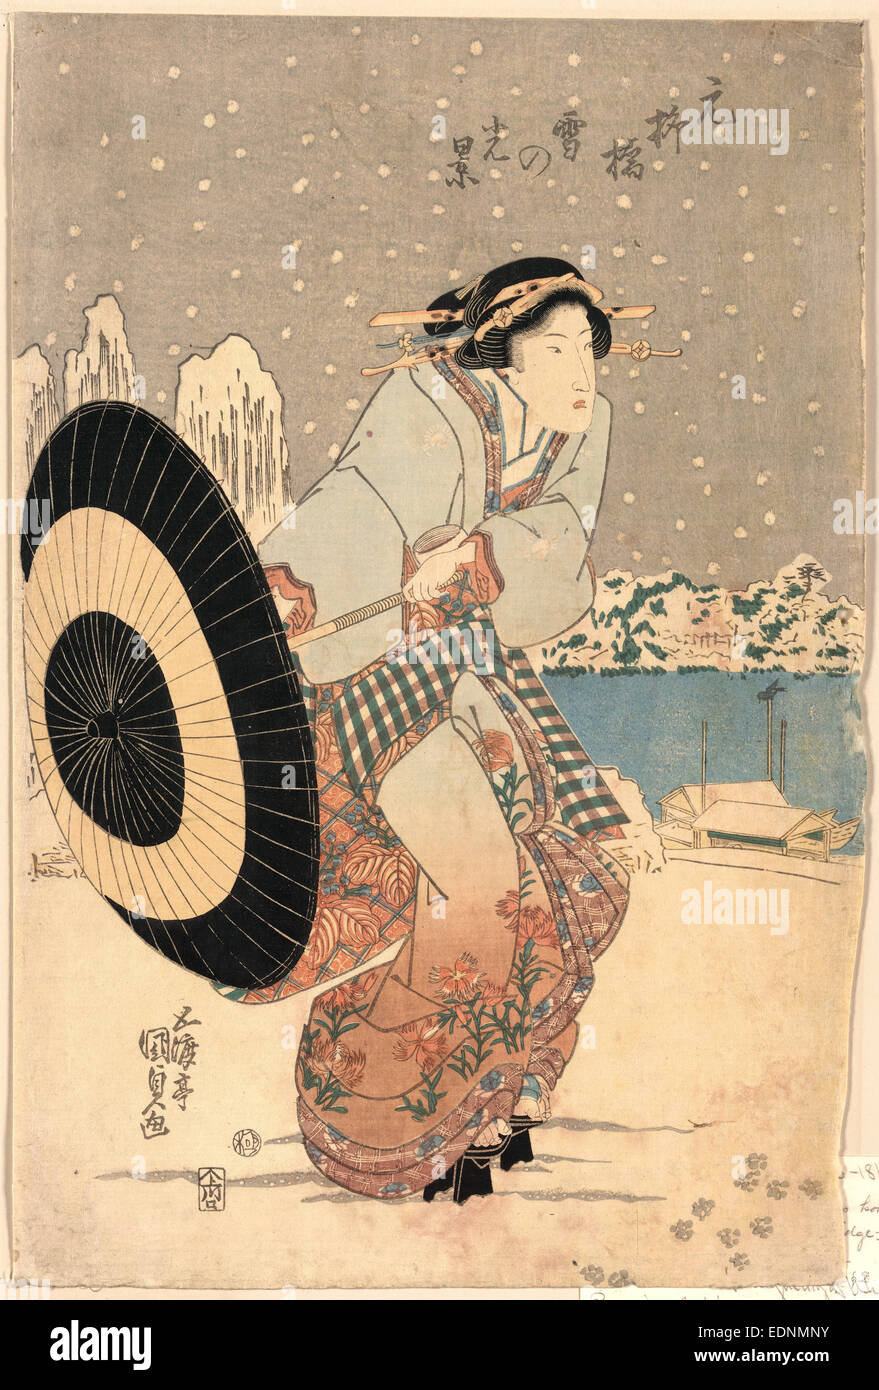 Moto-yanagibashi yuki no kokei, Night snow scene at Motonoyanagi Bridge., Utagawa, Toyokuni, 1786-1865, artist, - Stock Image